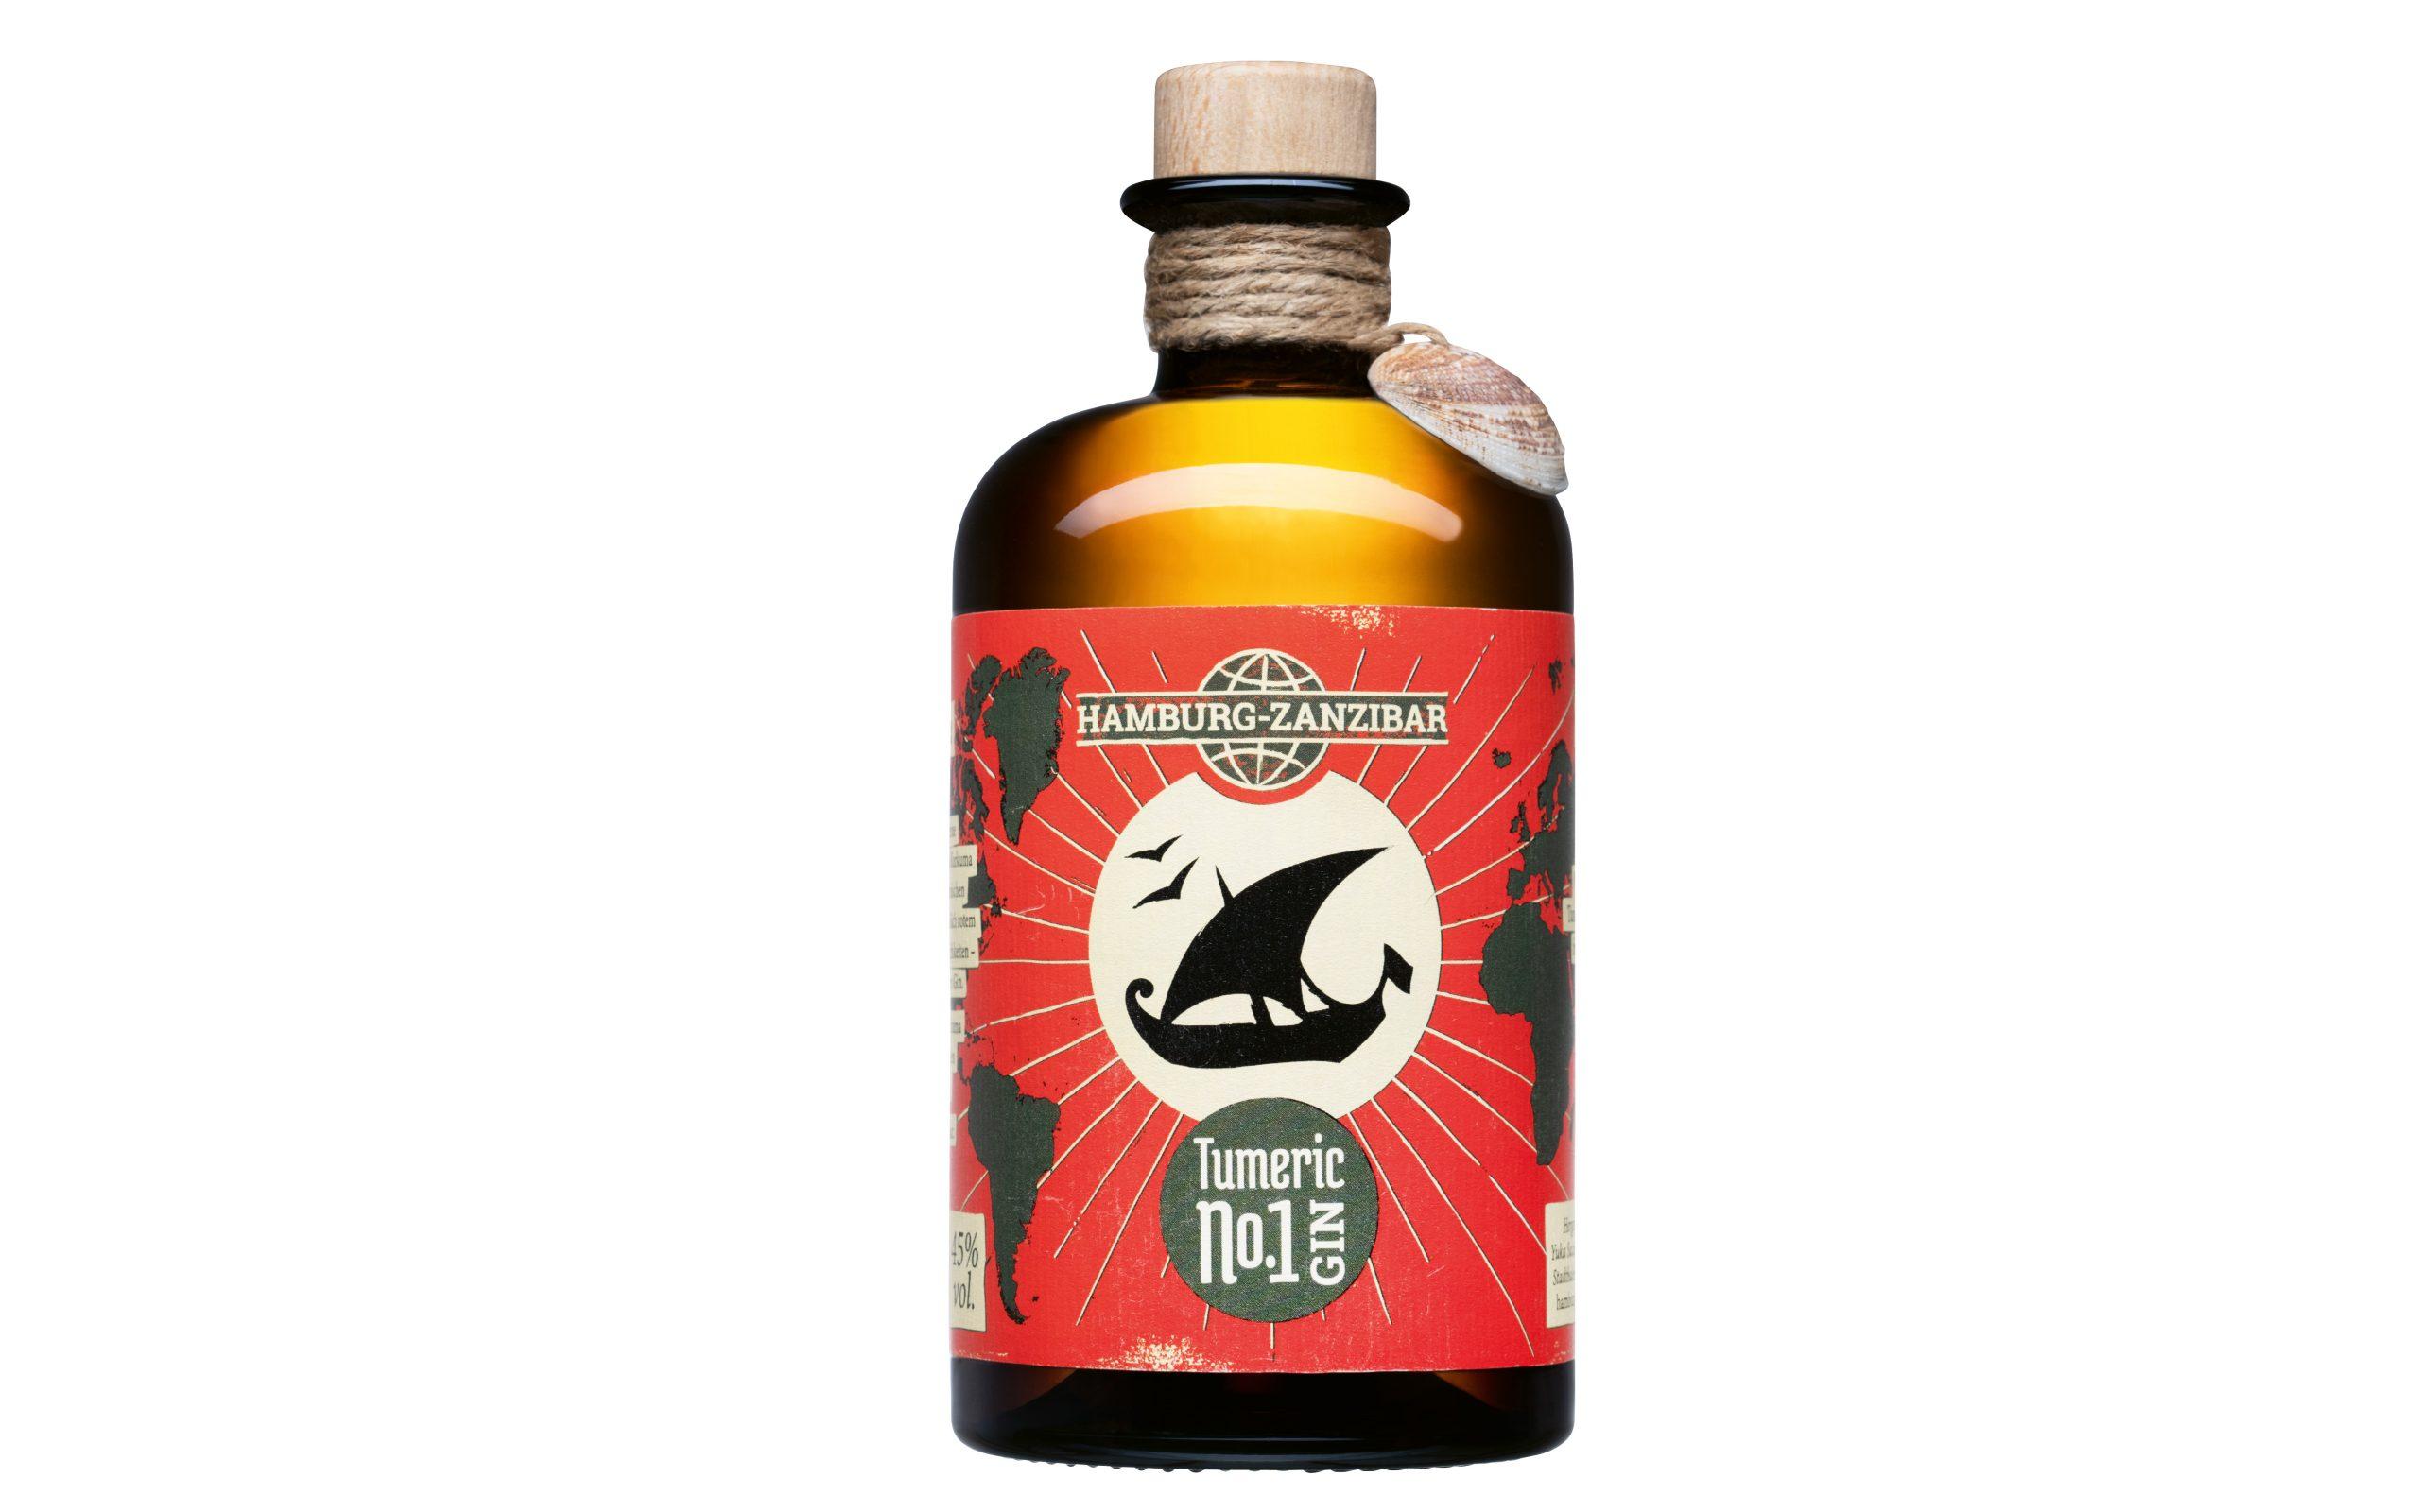 Zanzibar gin